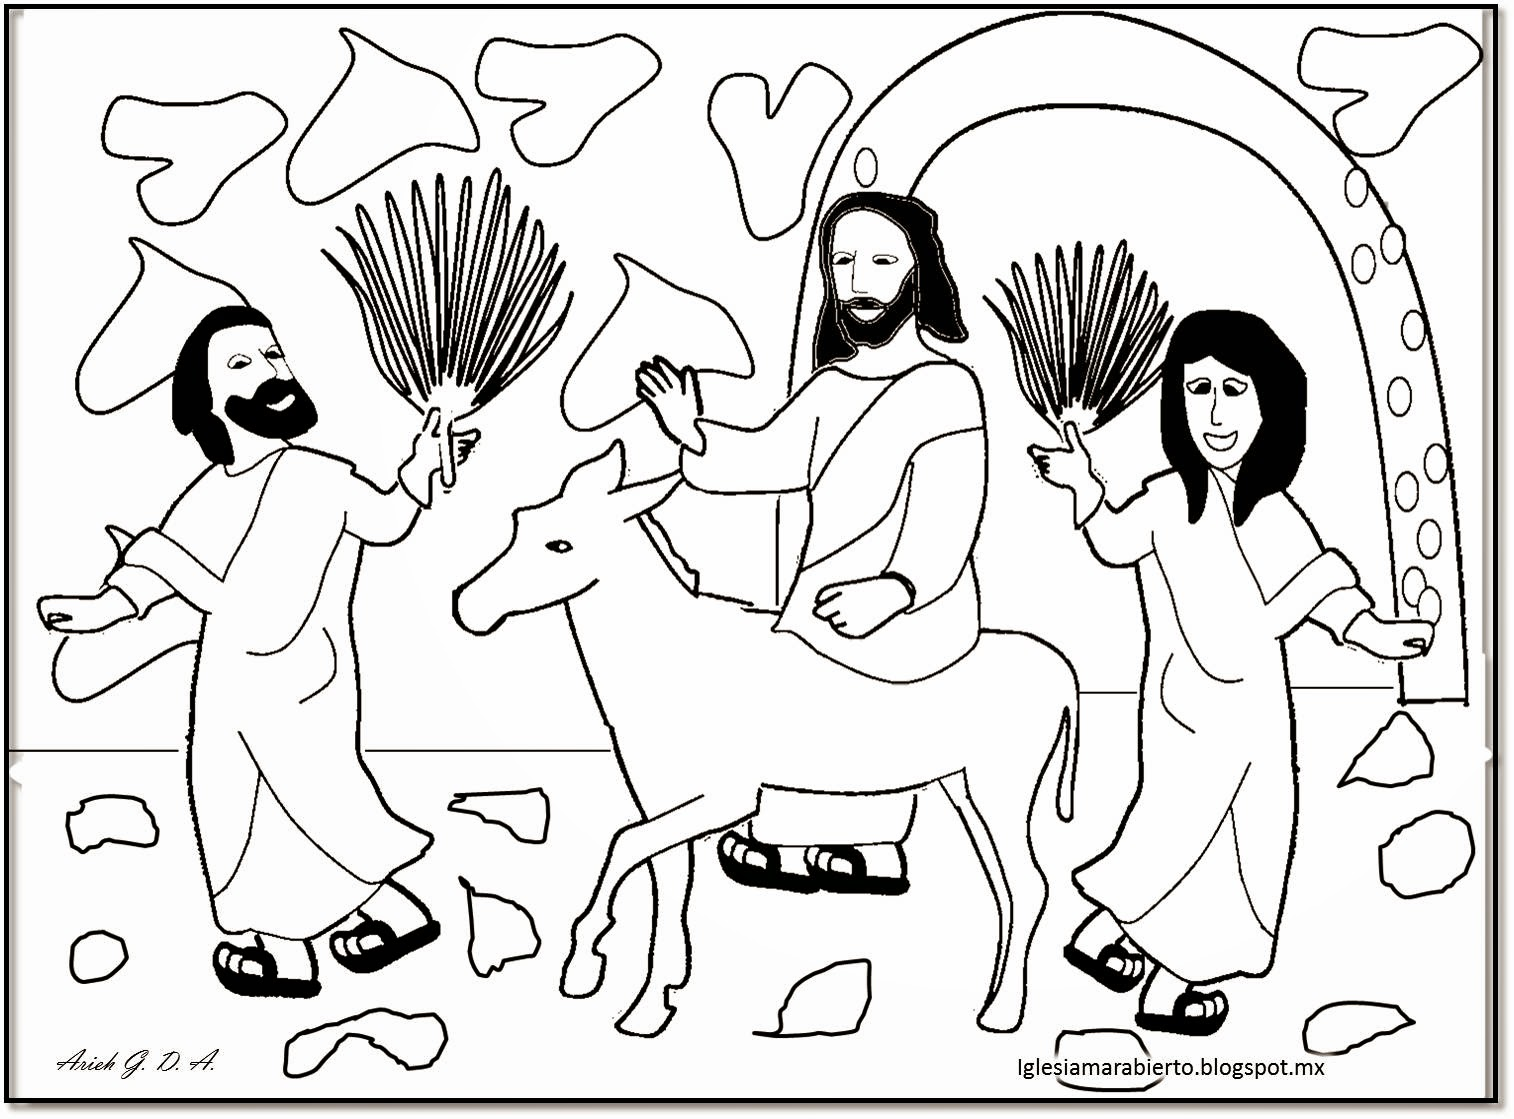 IGLESIA MAR ABIERTO: Estudios bíblicos para niños - Entrada Triunfal -